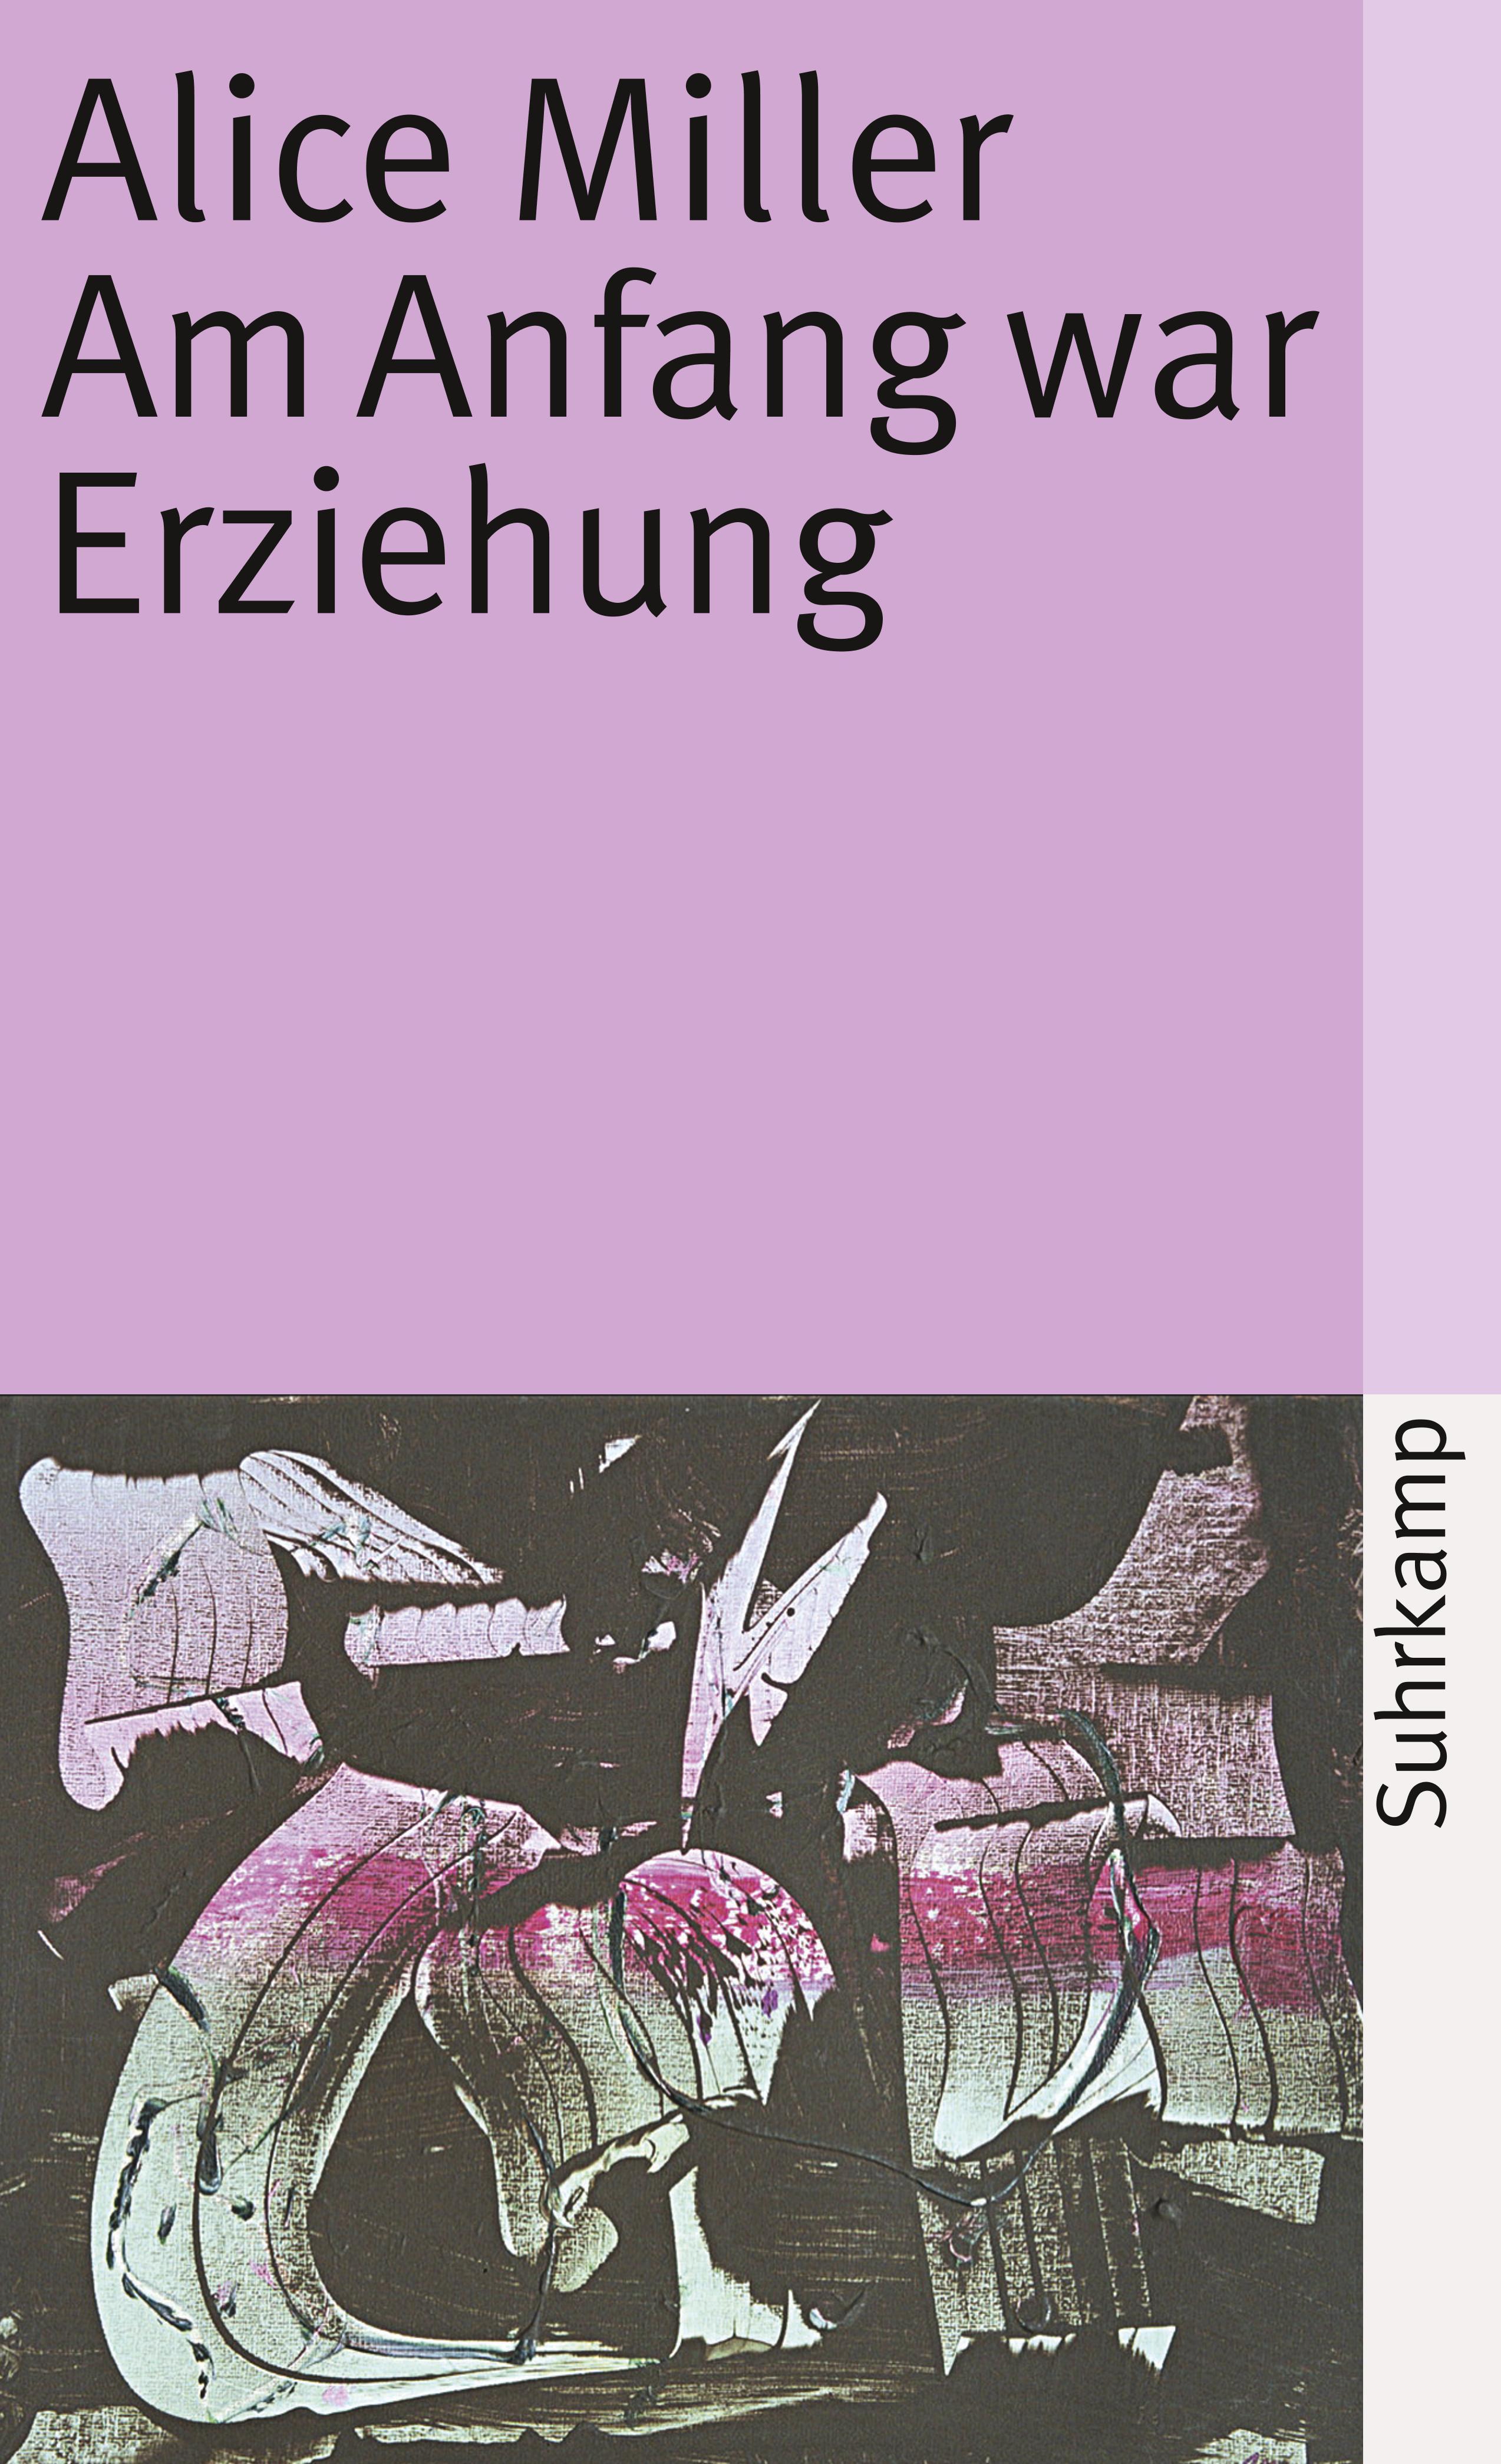 Liebevoll leben und lernen - junge Menschen - Kinder - Bild vom Buch: Anfang war Erziehung - Autorin: Alice Miller - Verlag: Suhrkamp Verlag